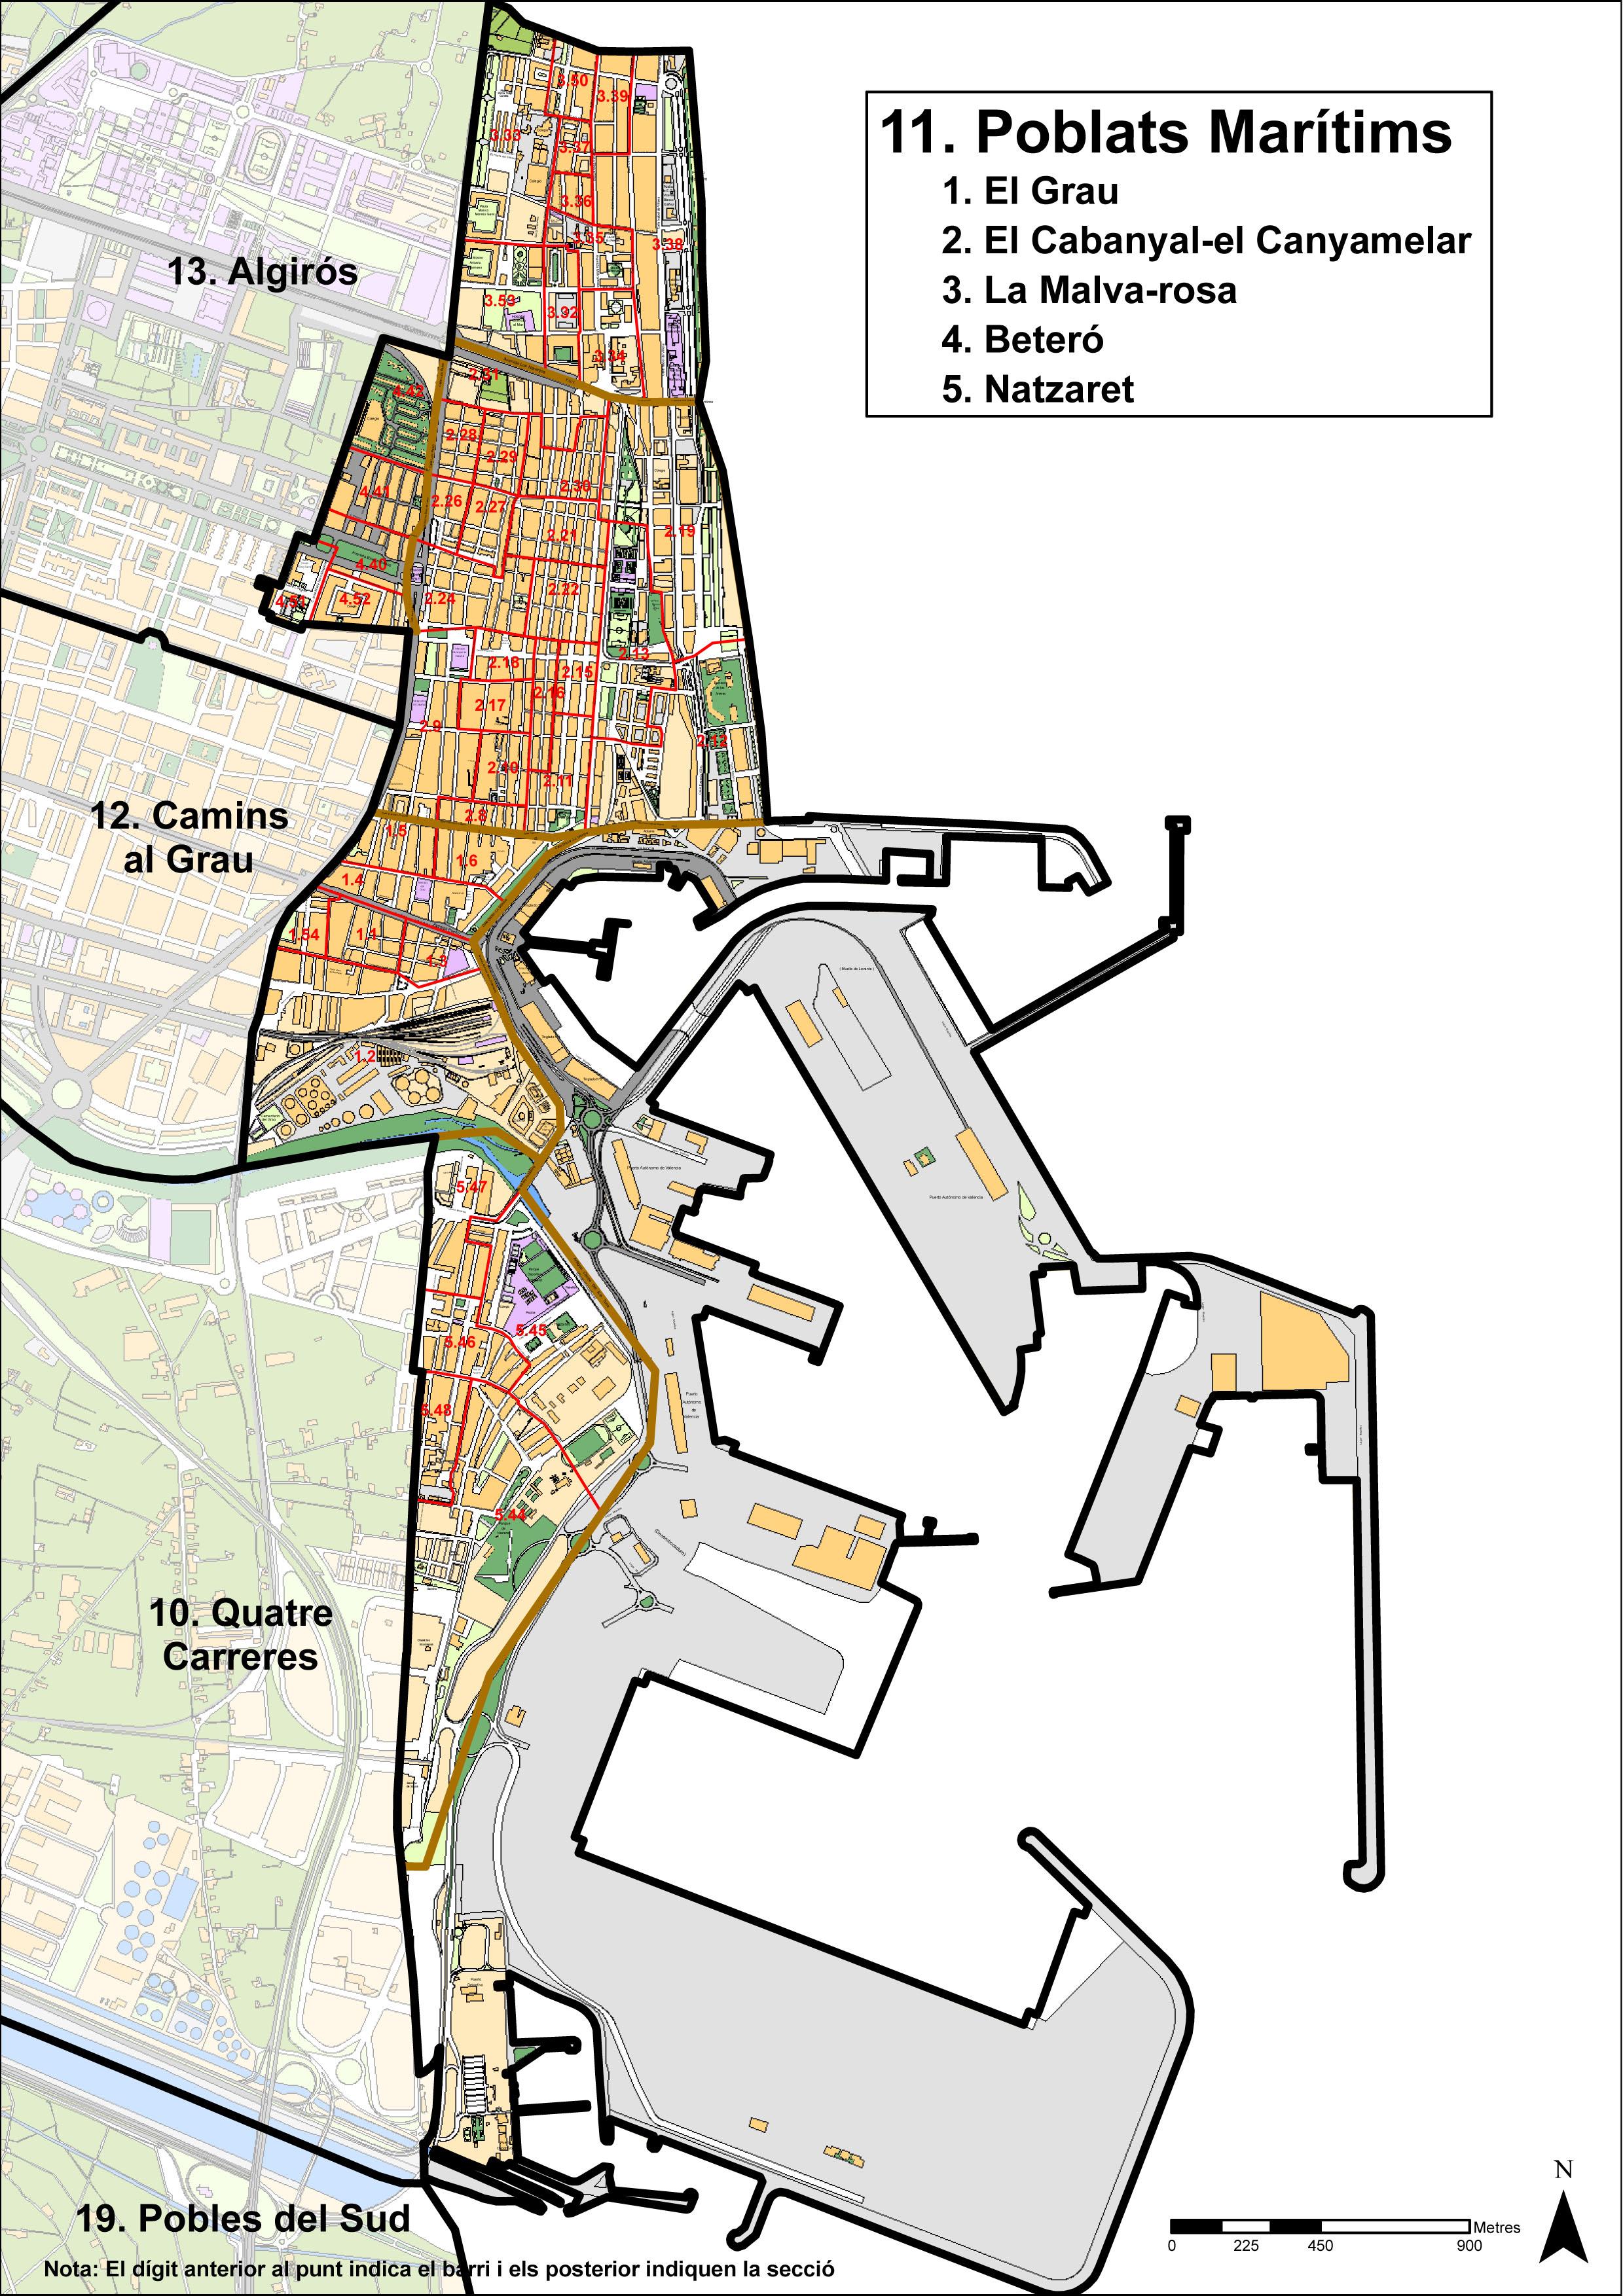 Distrito de Poblats Marítims, Valencia